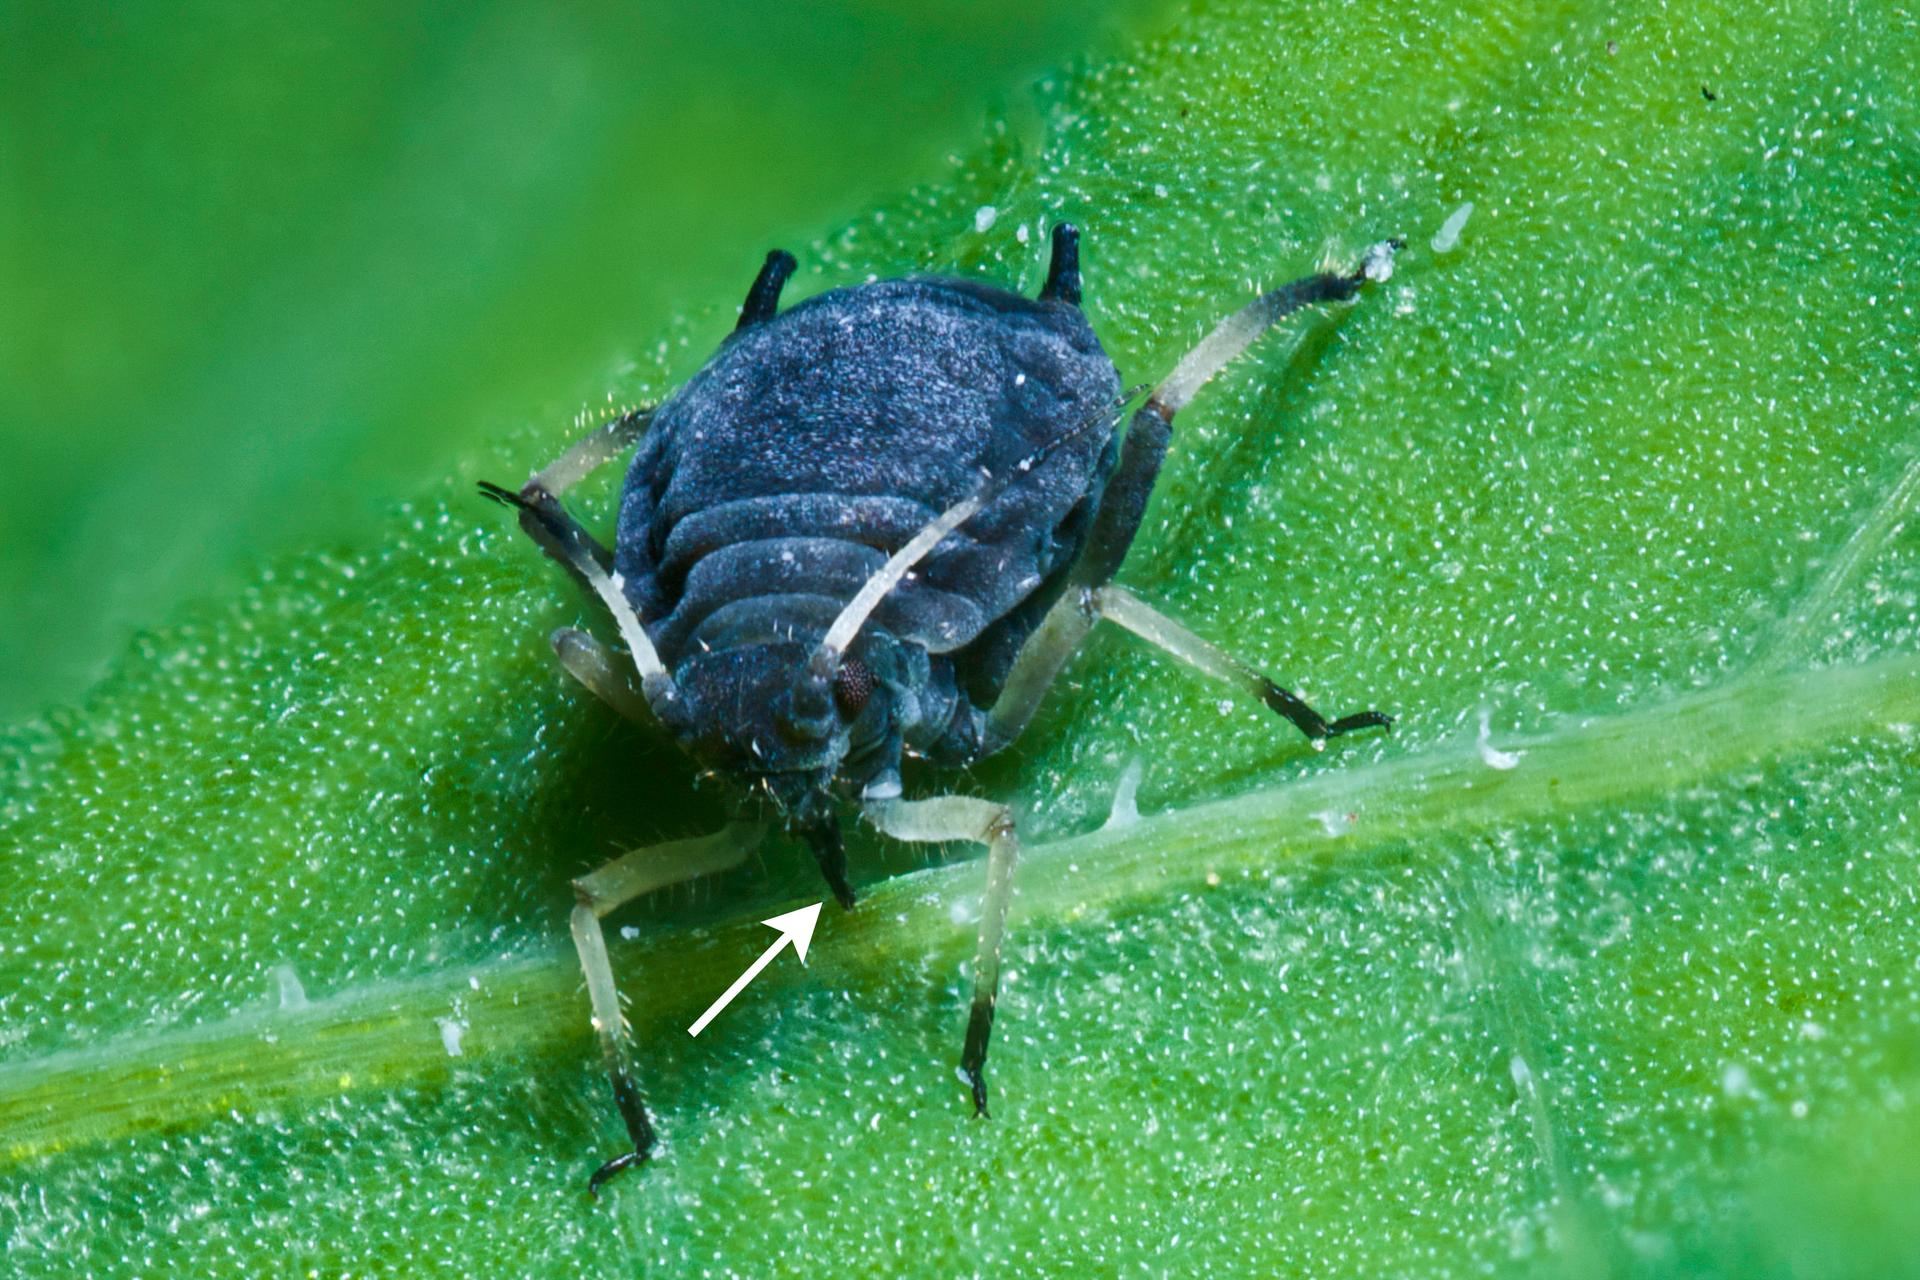 Ilustracja przedstawia liść rośliny, na którym siedzi mszyca oglądana zprzodu. Kłujka mszycy wbita jest wliść.